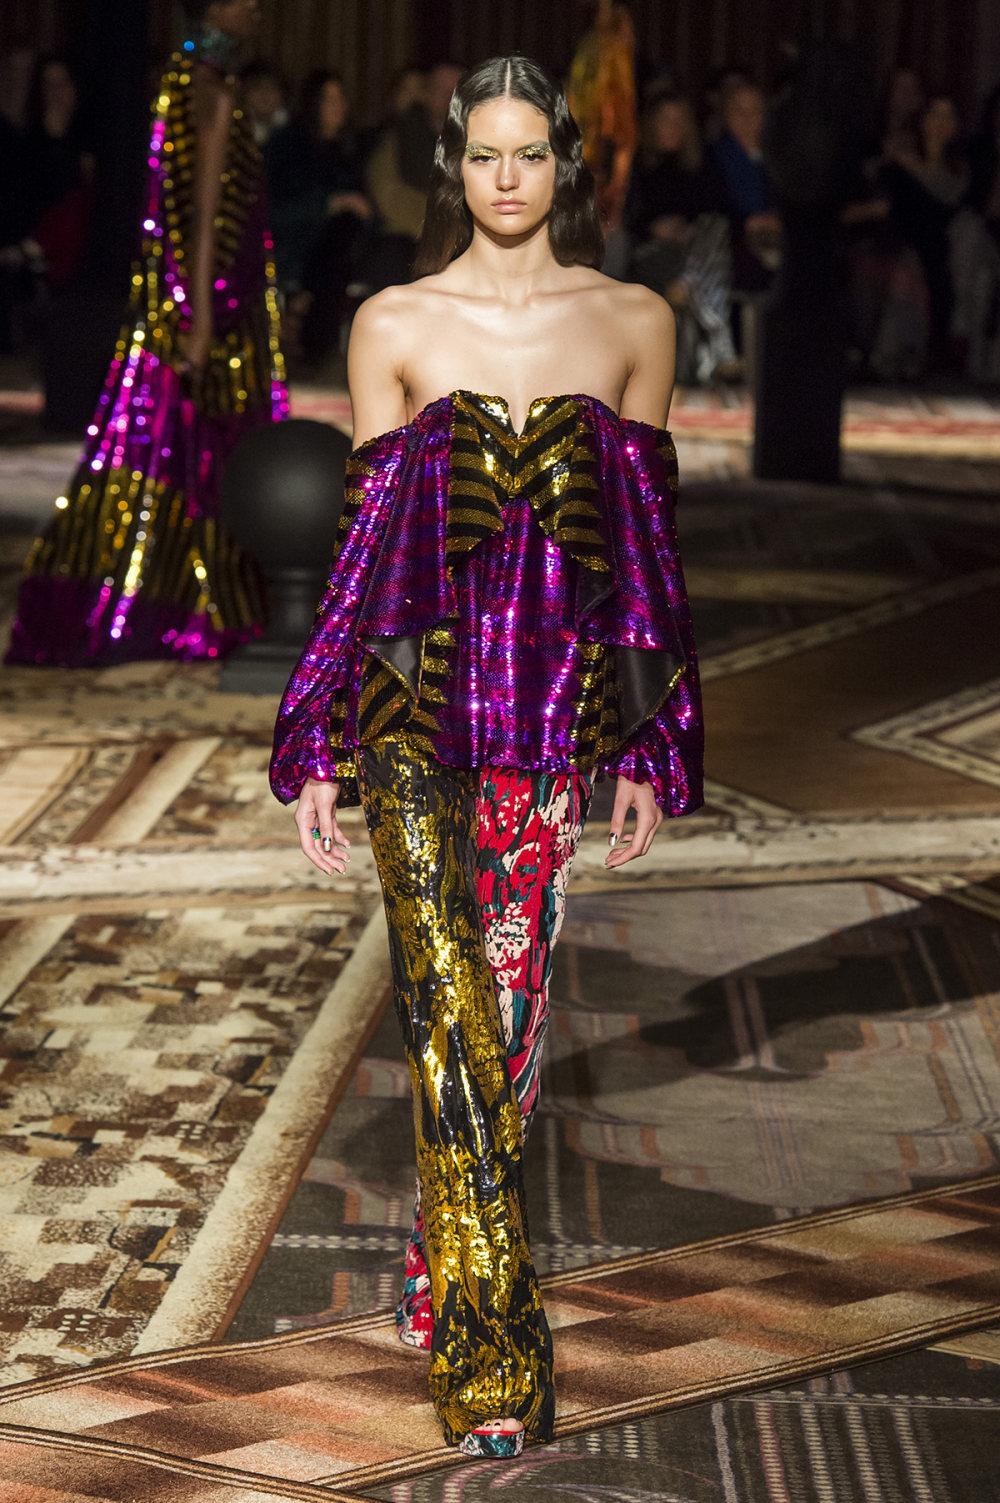 Halpern时装系列将幻想印花应用于宽大的缎面外套展示垂褶技巧-34.jpg